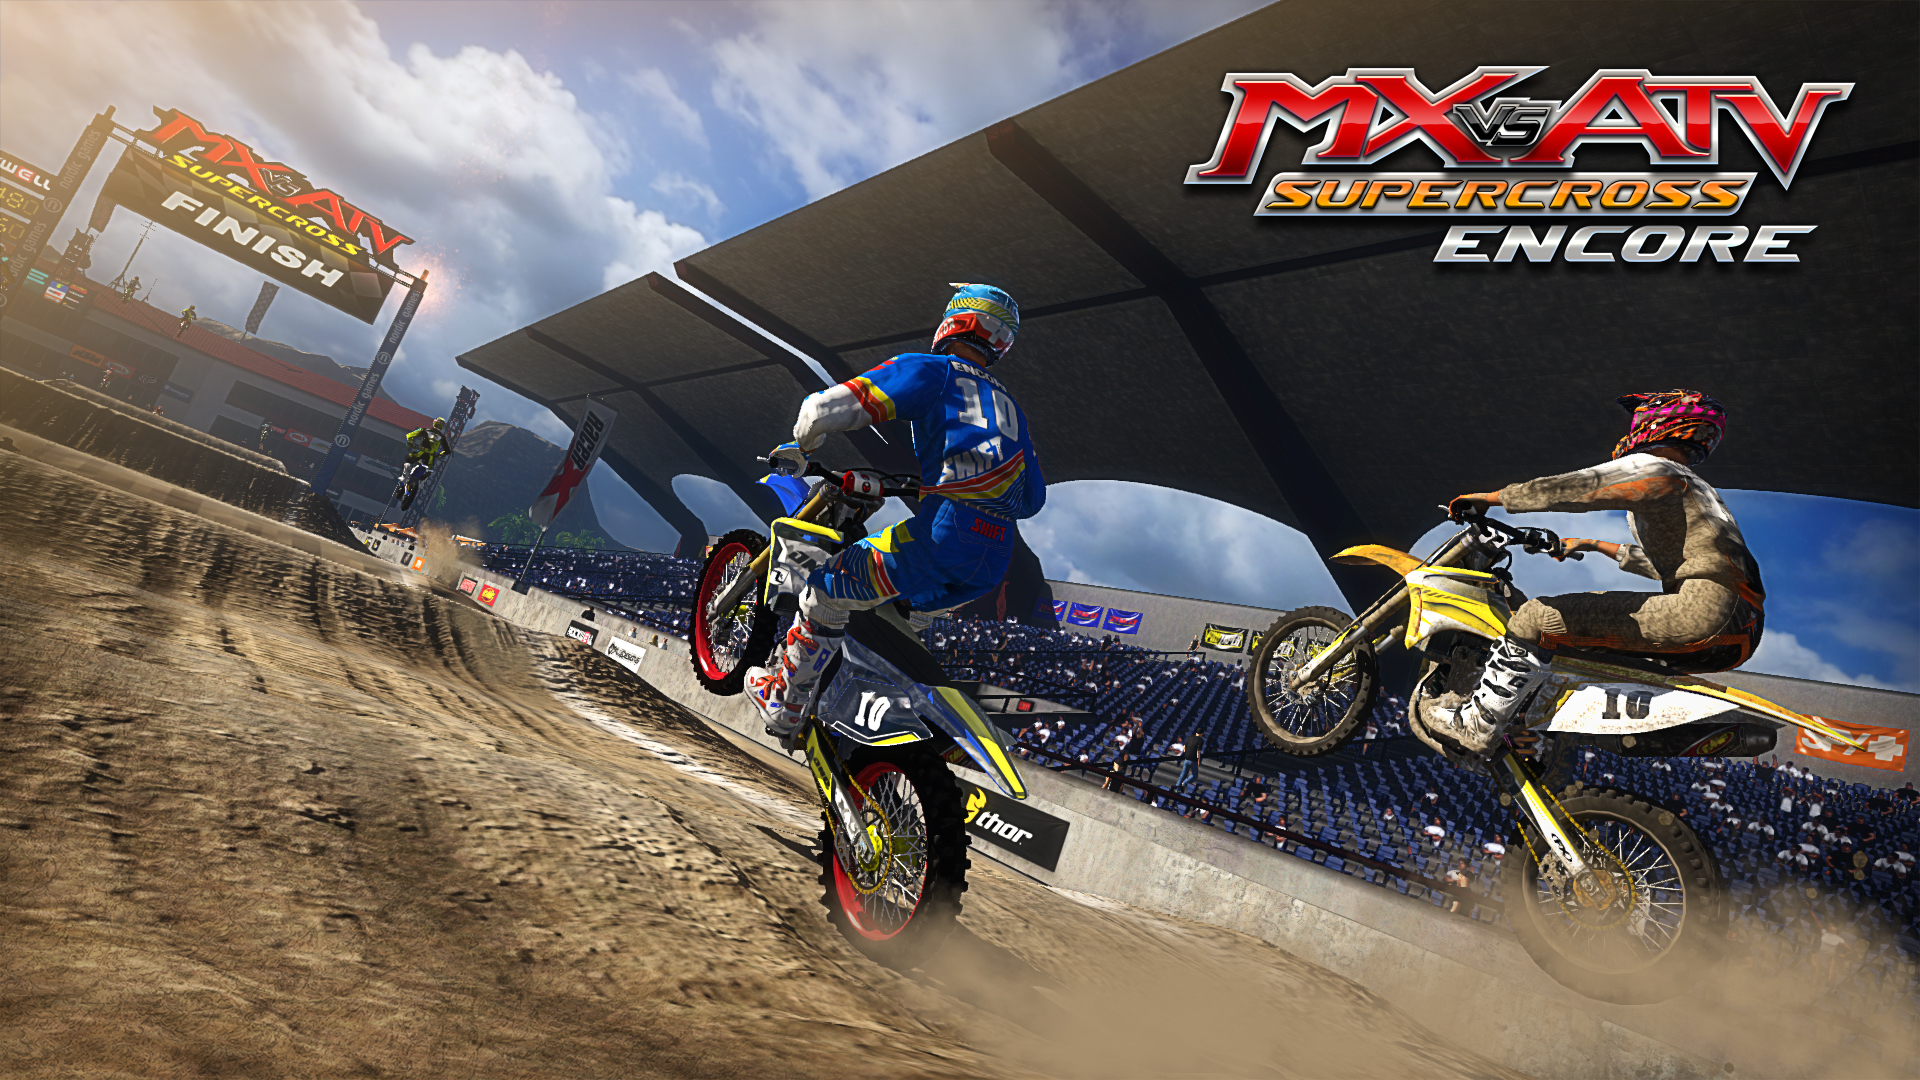 MX vs. ATV Supercross Encore image 1